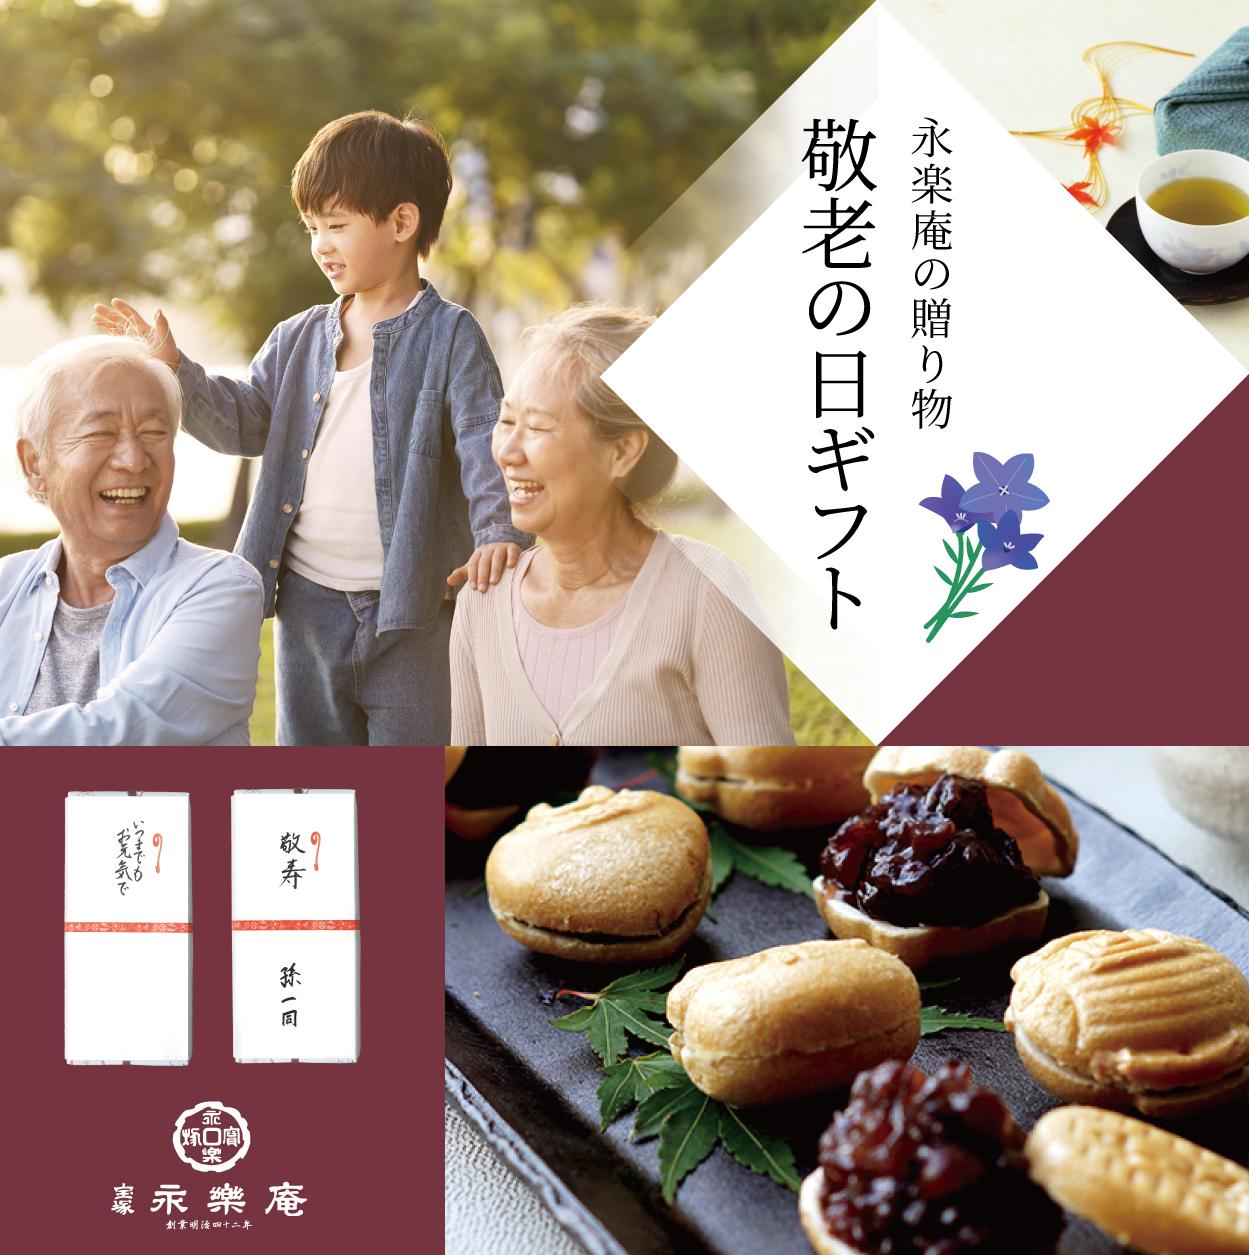 宝塚銘菓 寳もなかの永楽庵 敬老の日ギフト